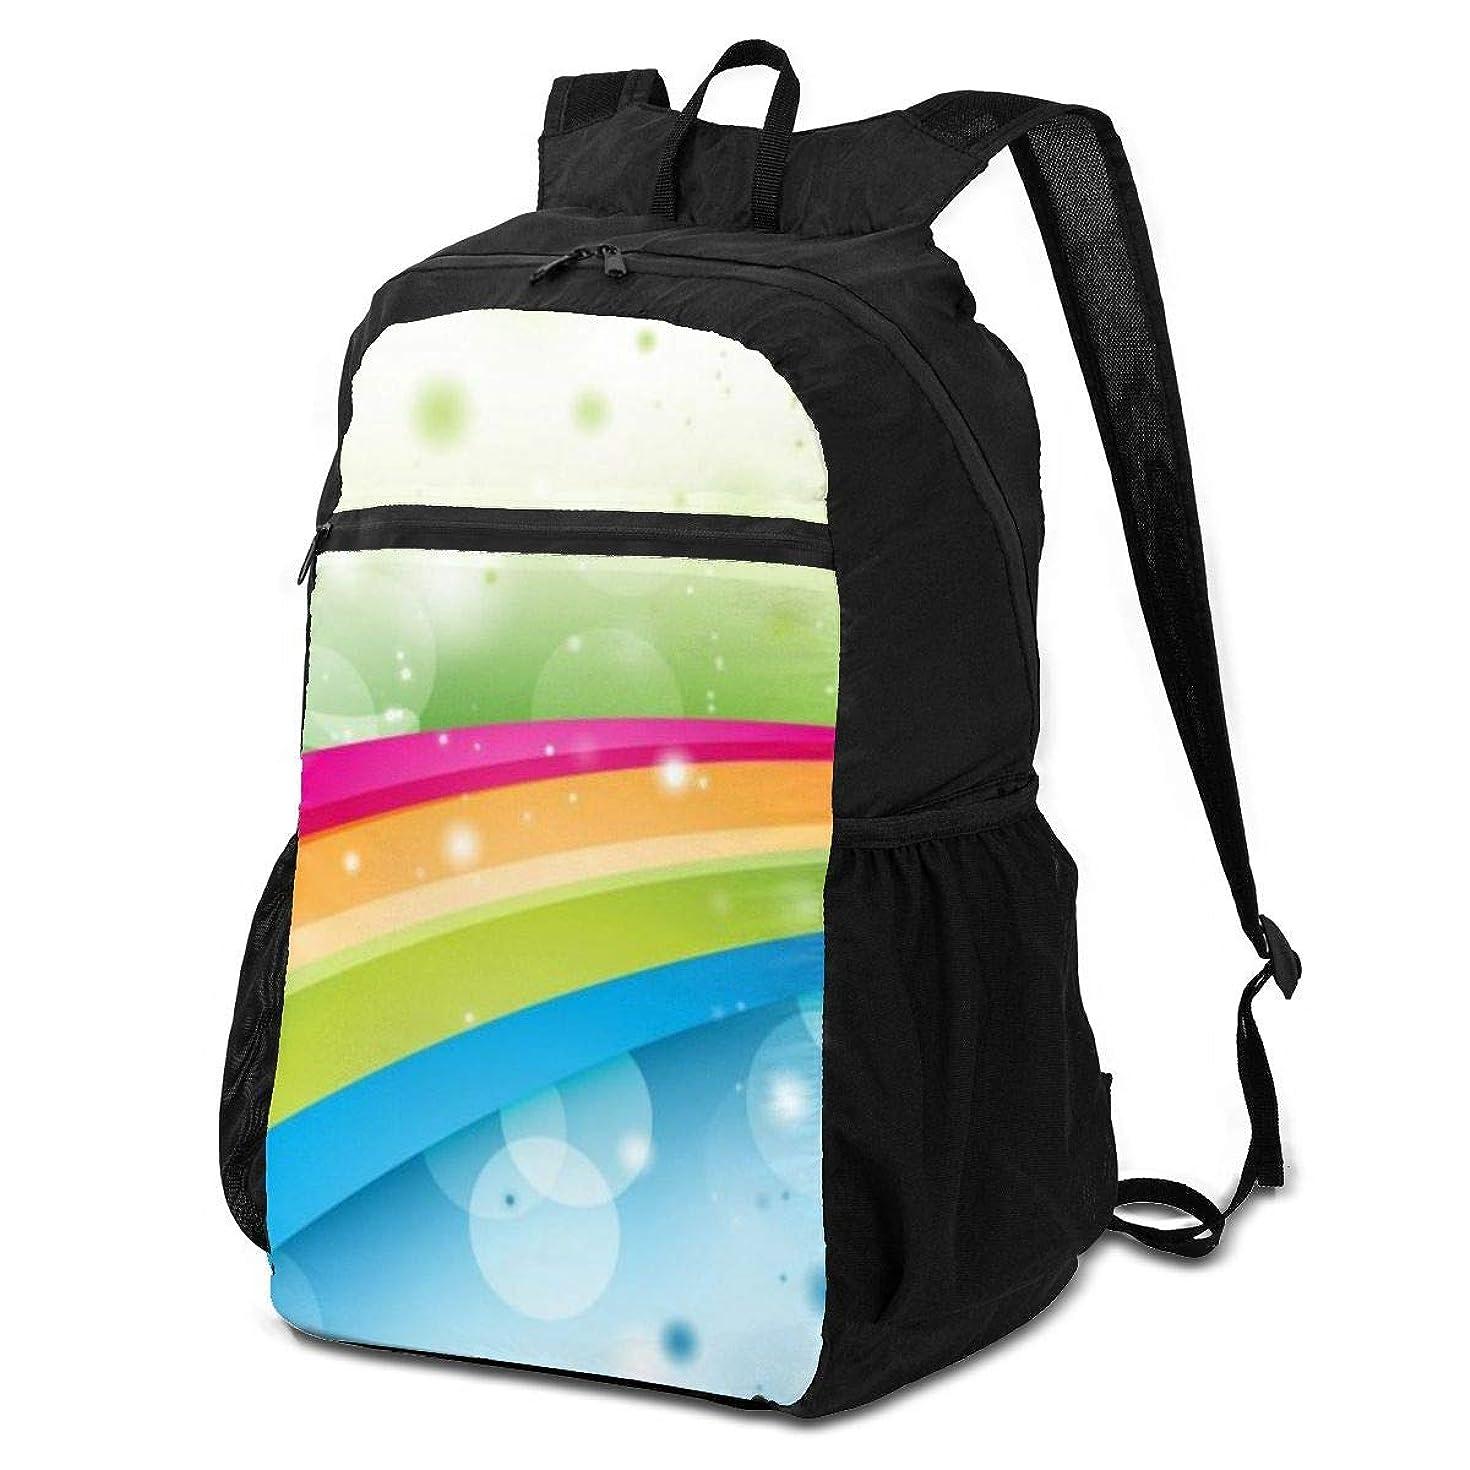 助言検出可能ホイットニー登山リュック ザック 色 バックパック 軽量 防水 通勤 小型旅行 折りたたみ式キャンプ アウトドアバッグ